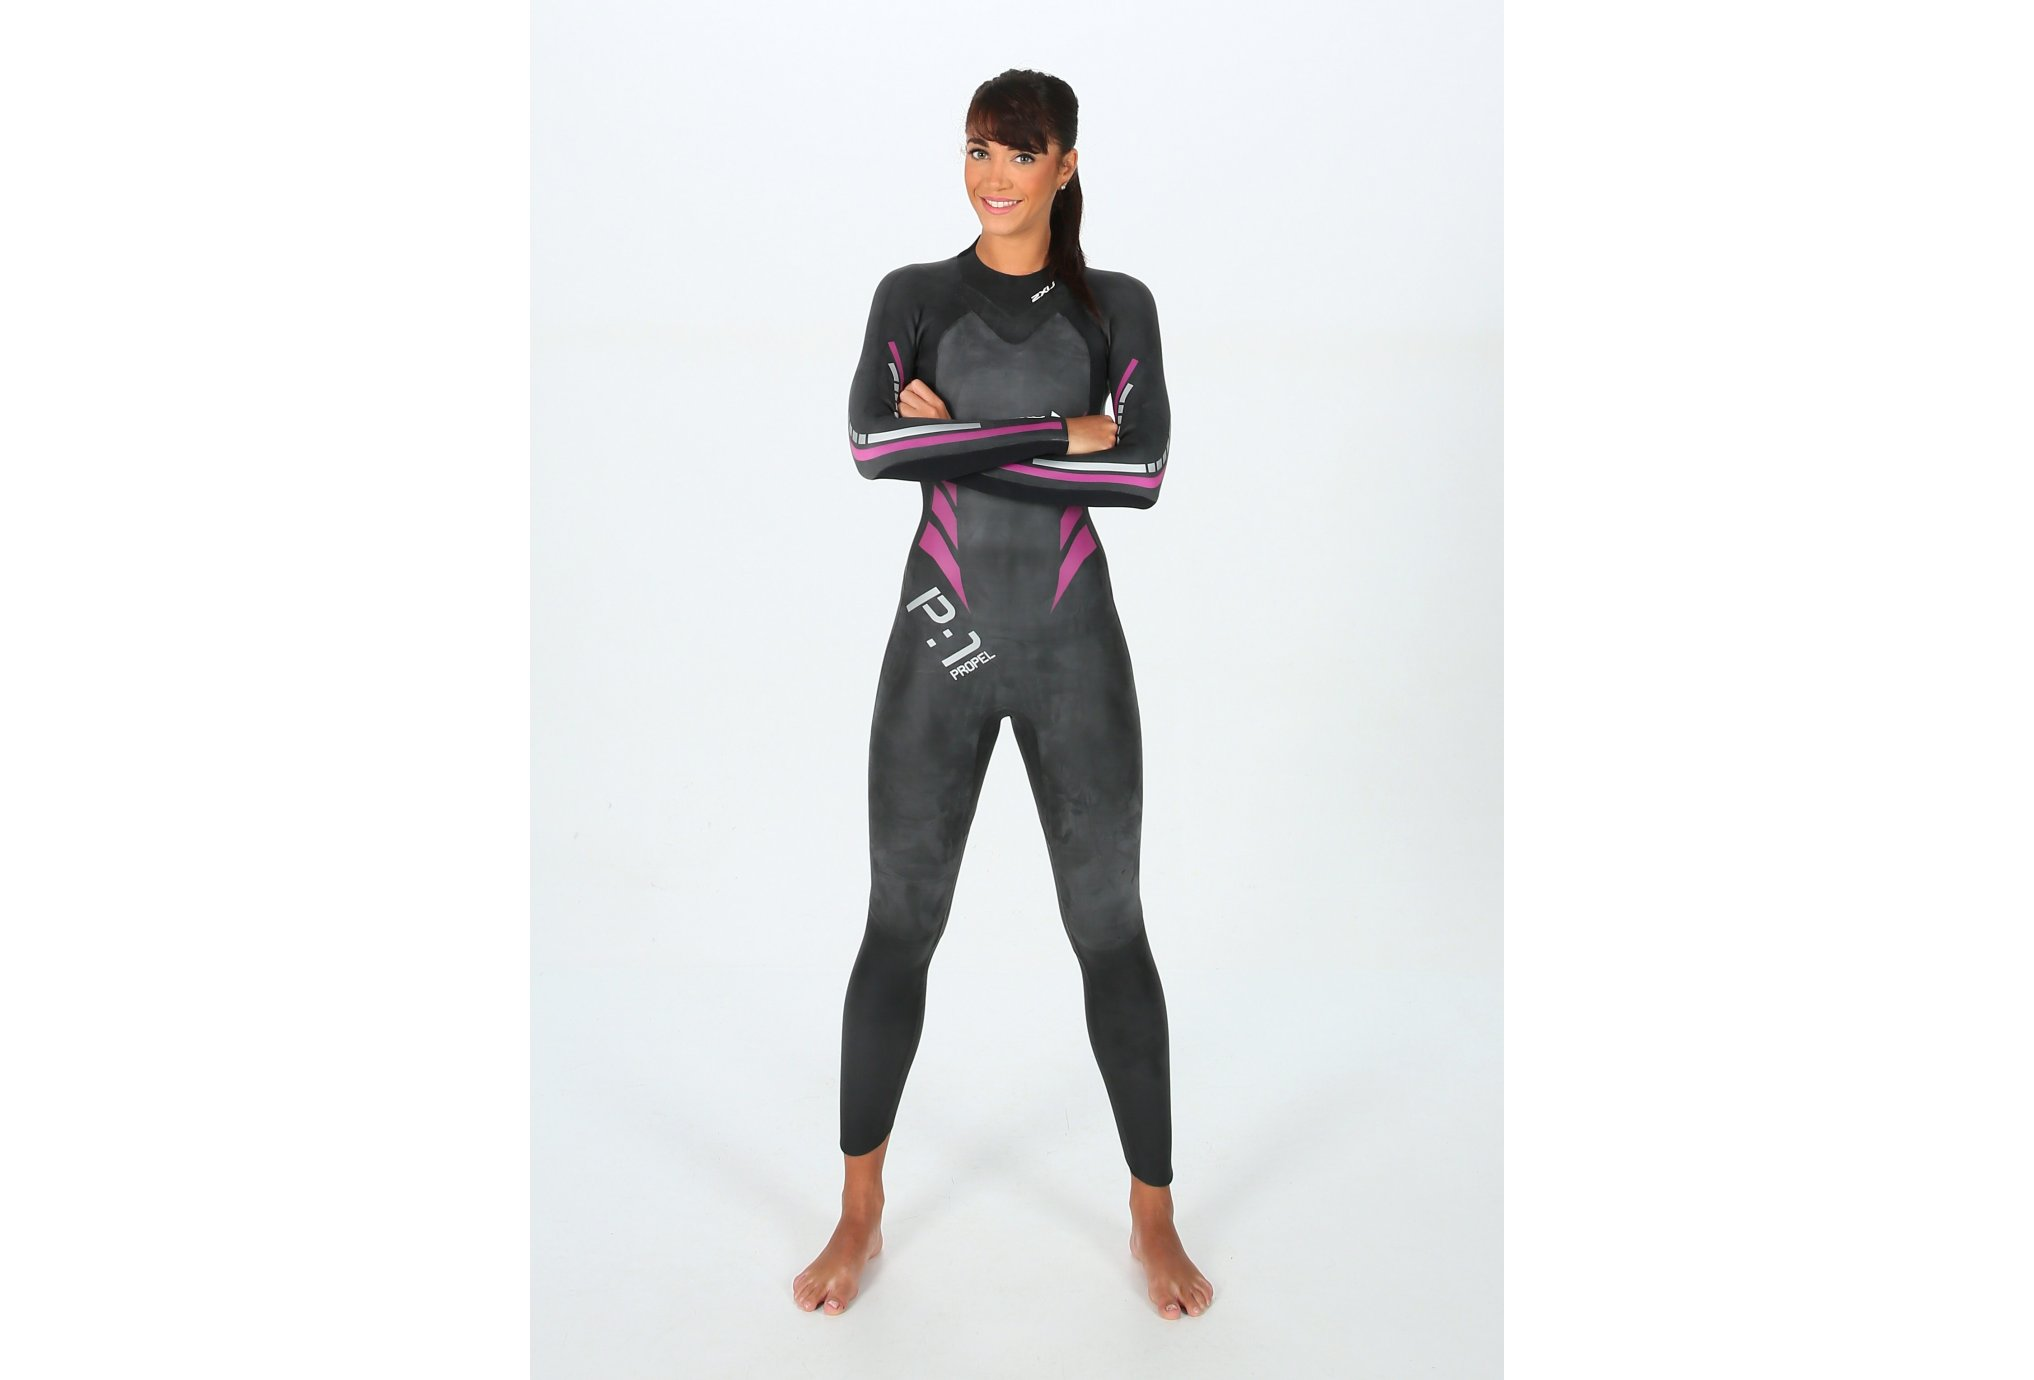 2xu Combinaison p:1 propel wetsuit w vêtement running femme